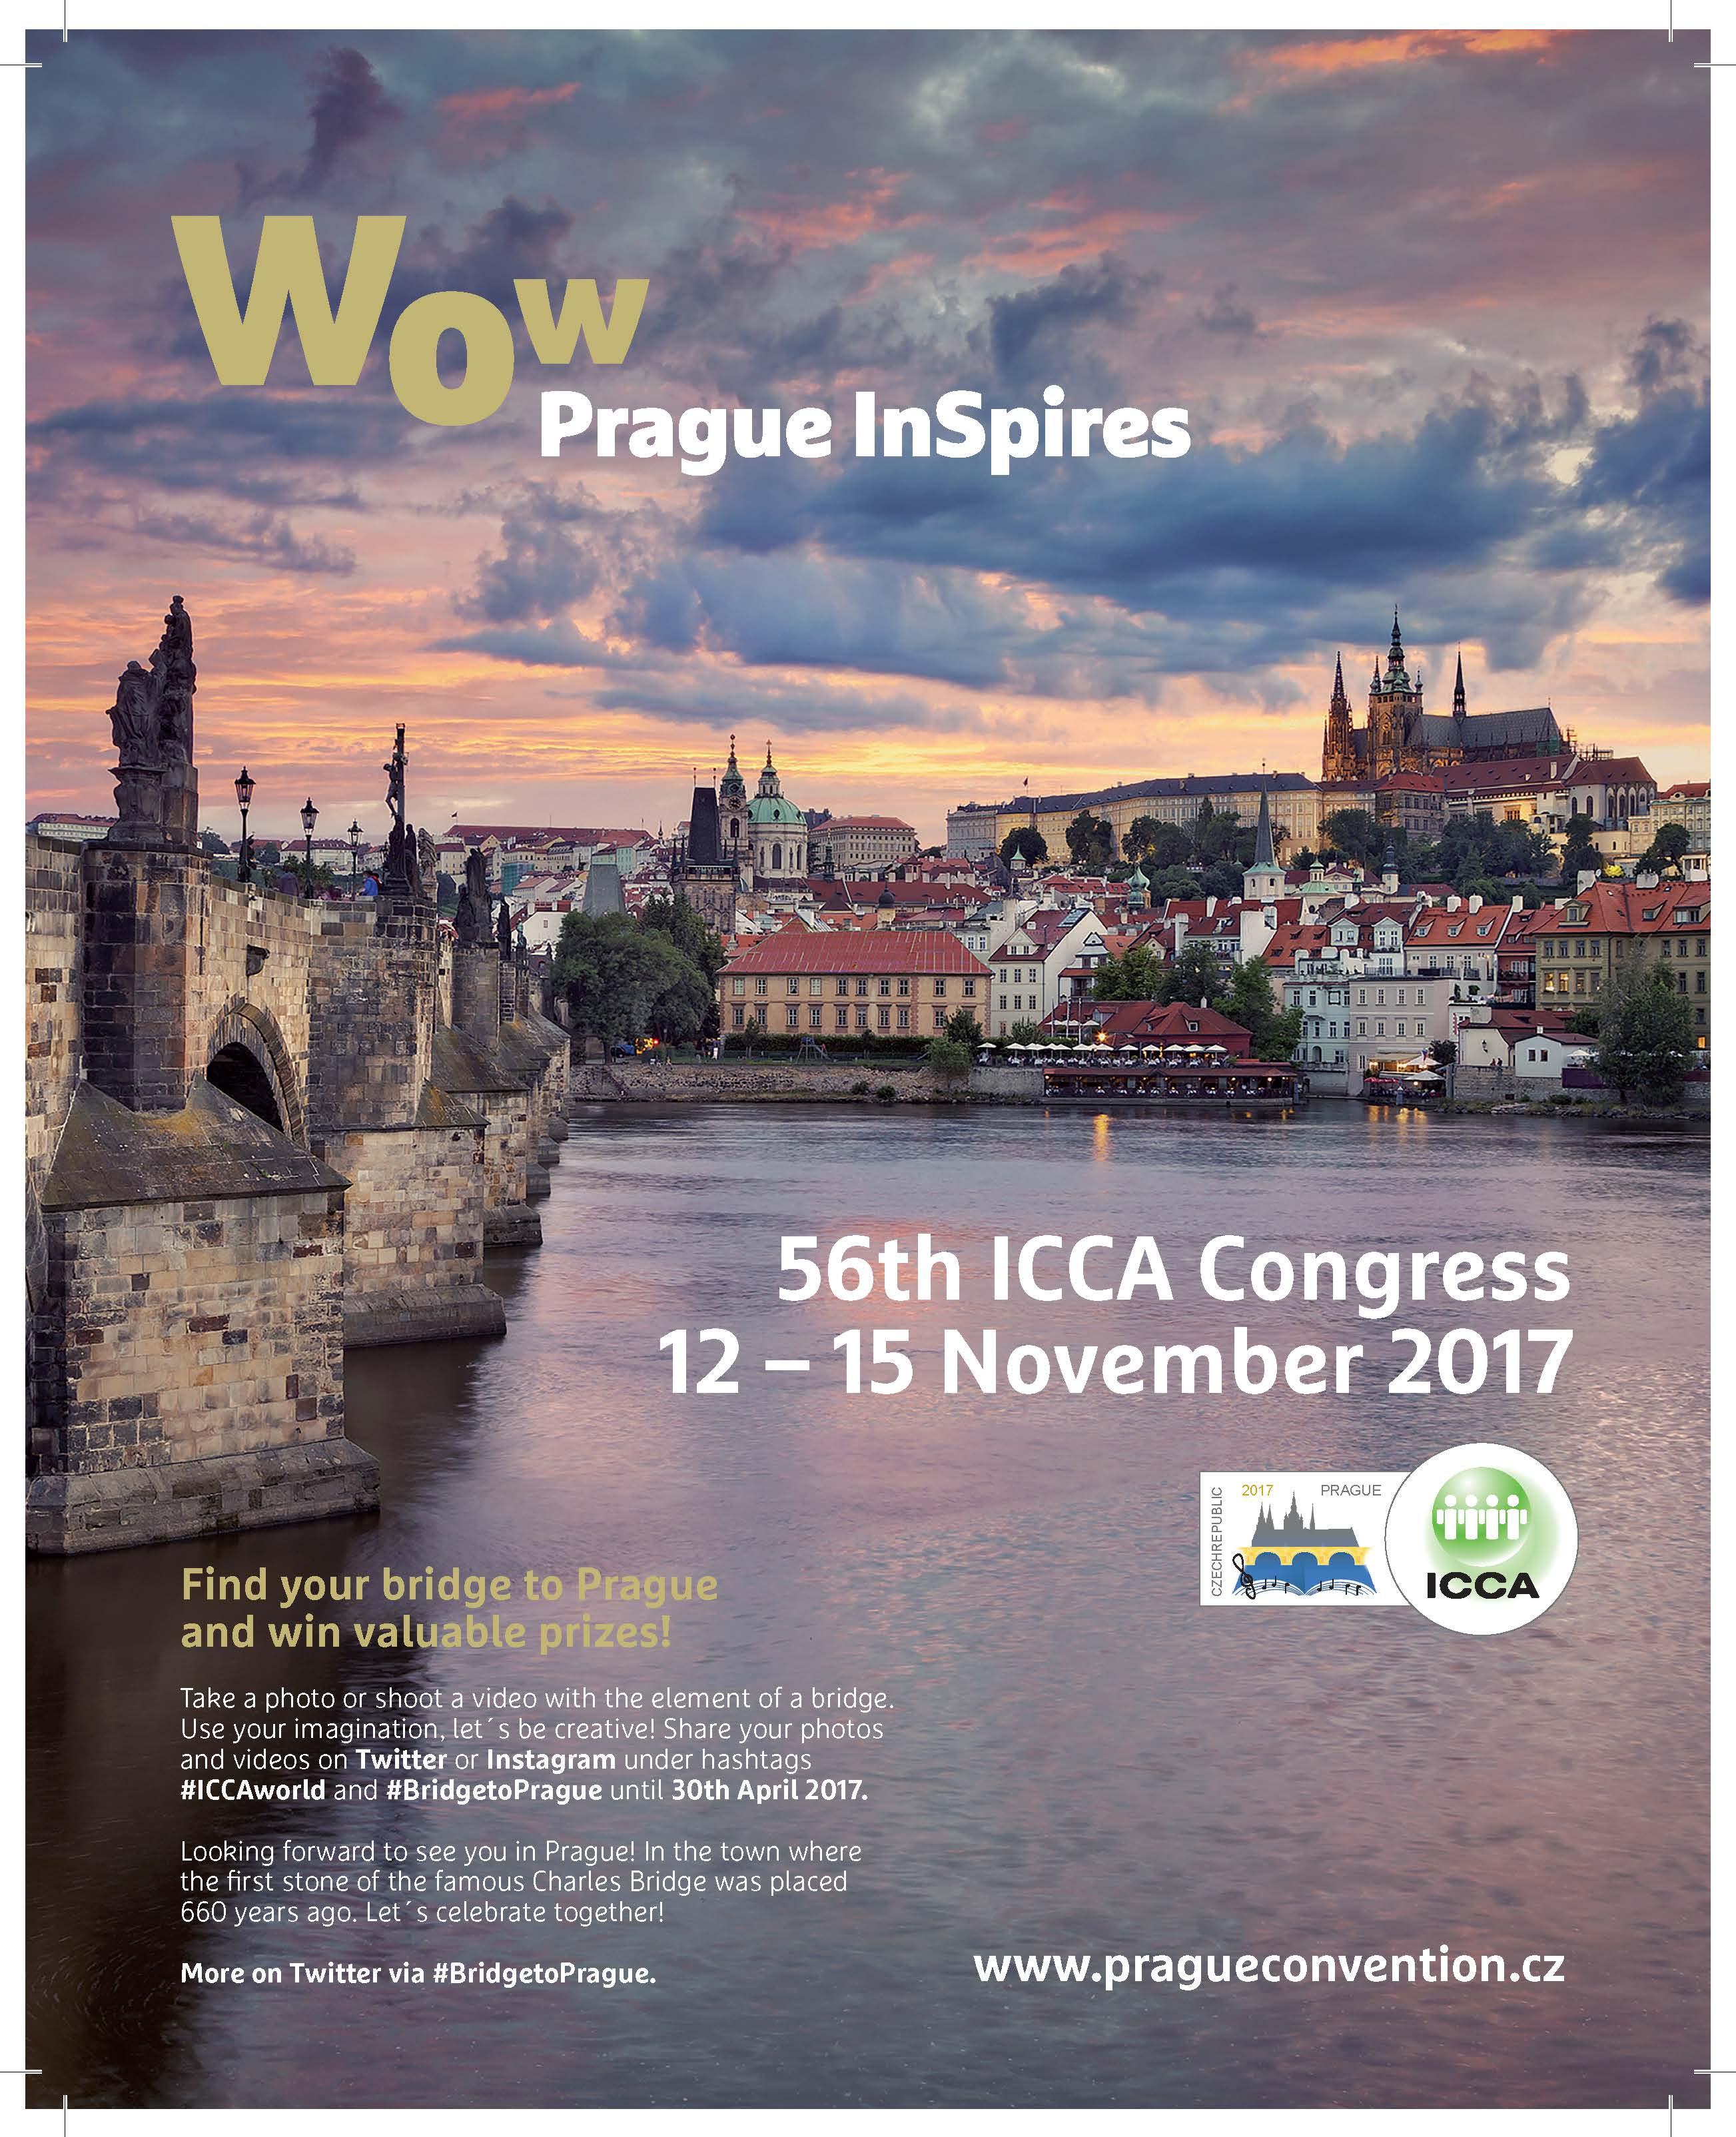 ICCA-prague